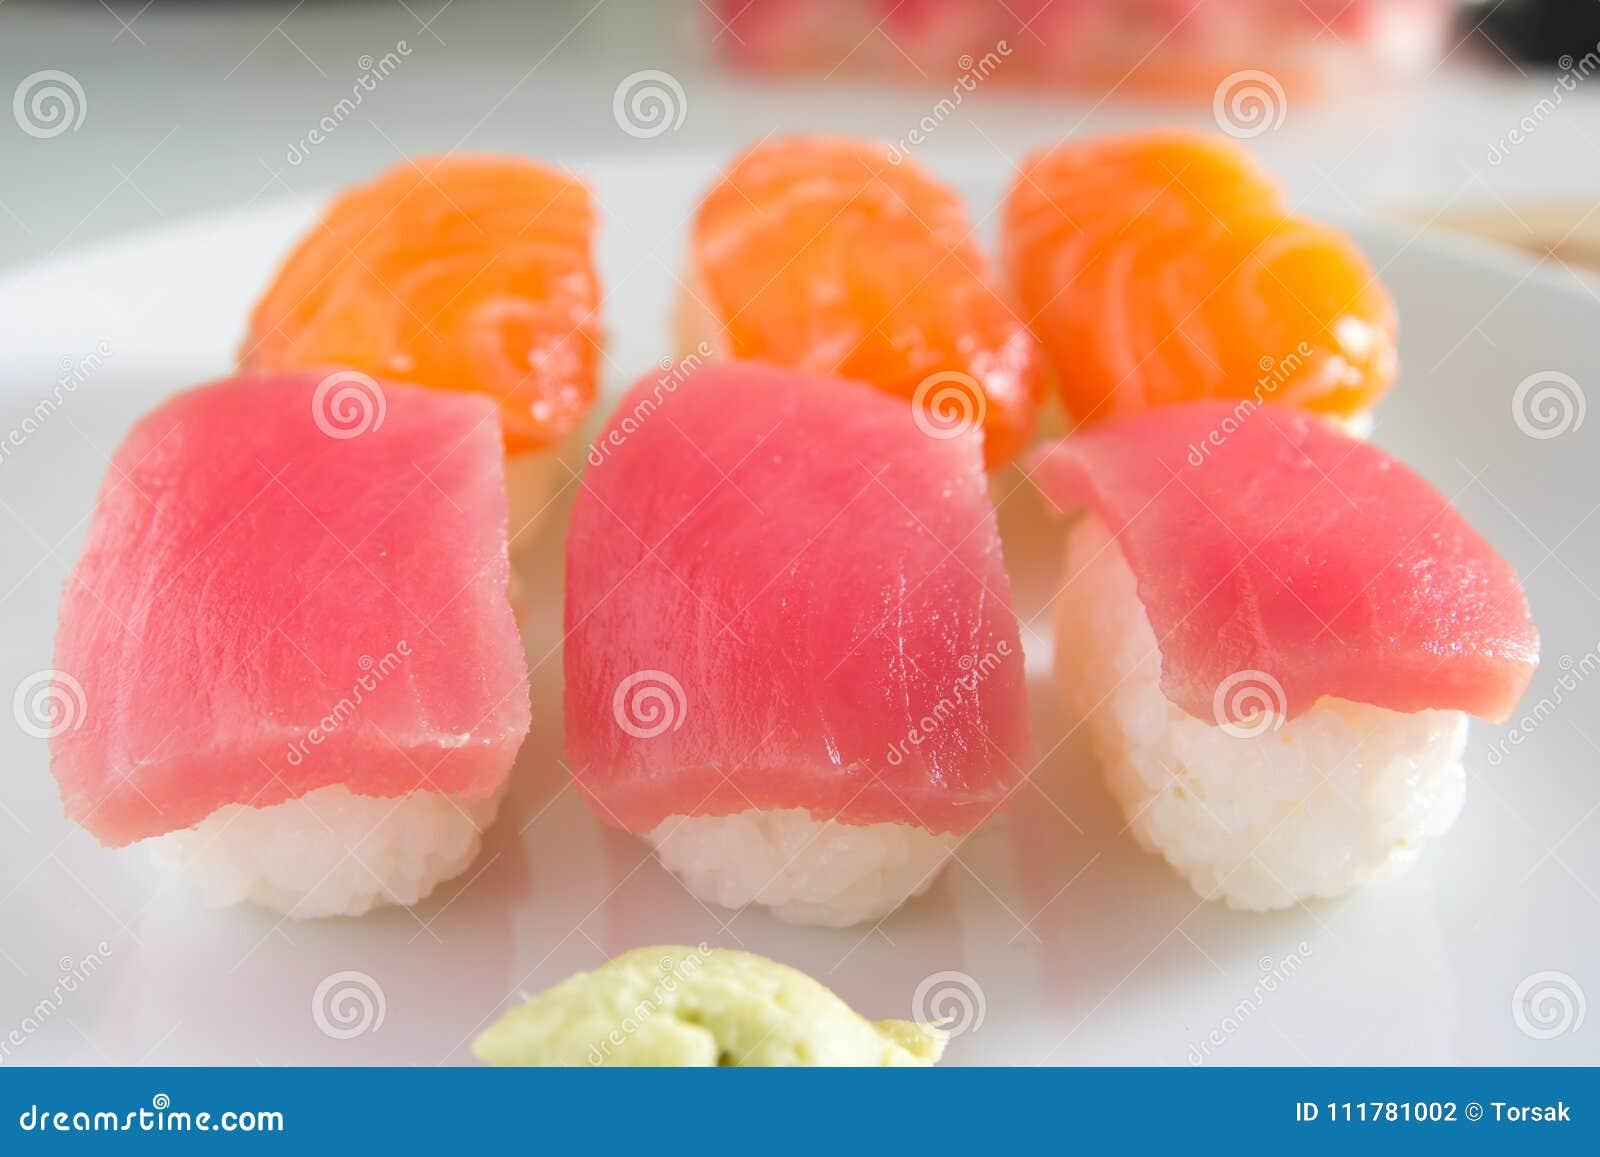 Sushi set on white plate. Janpan food